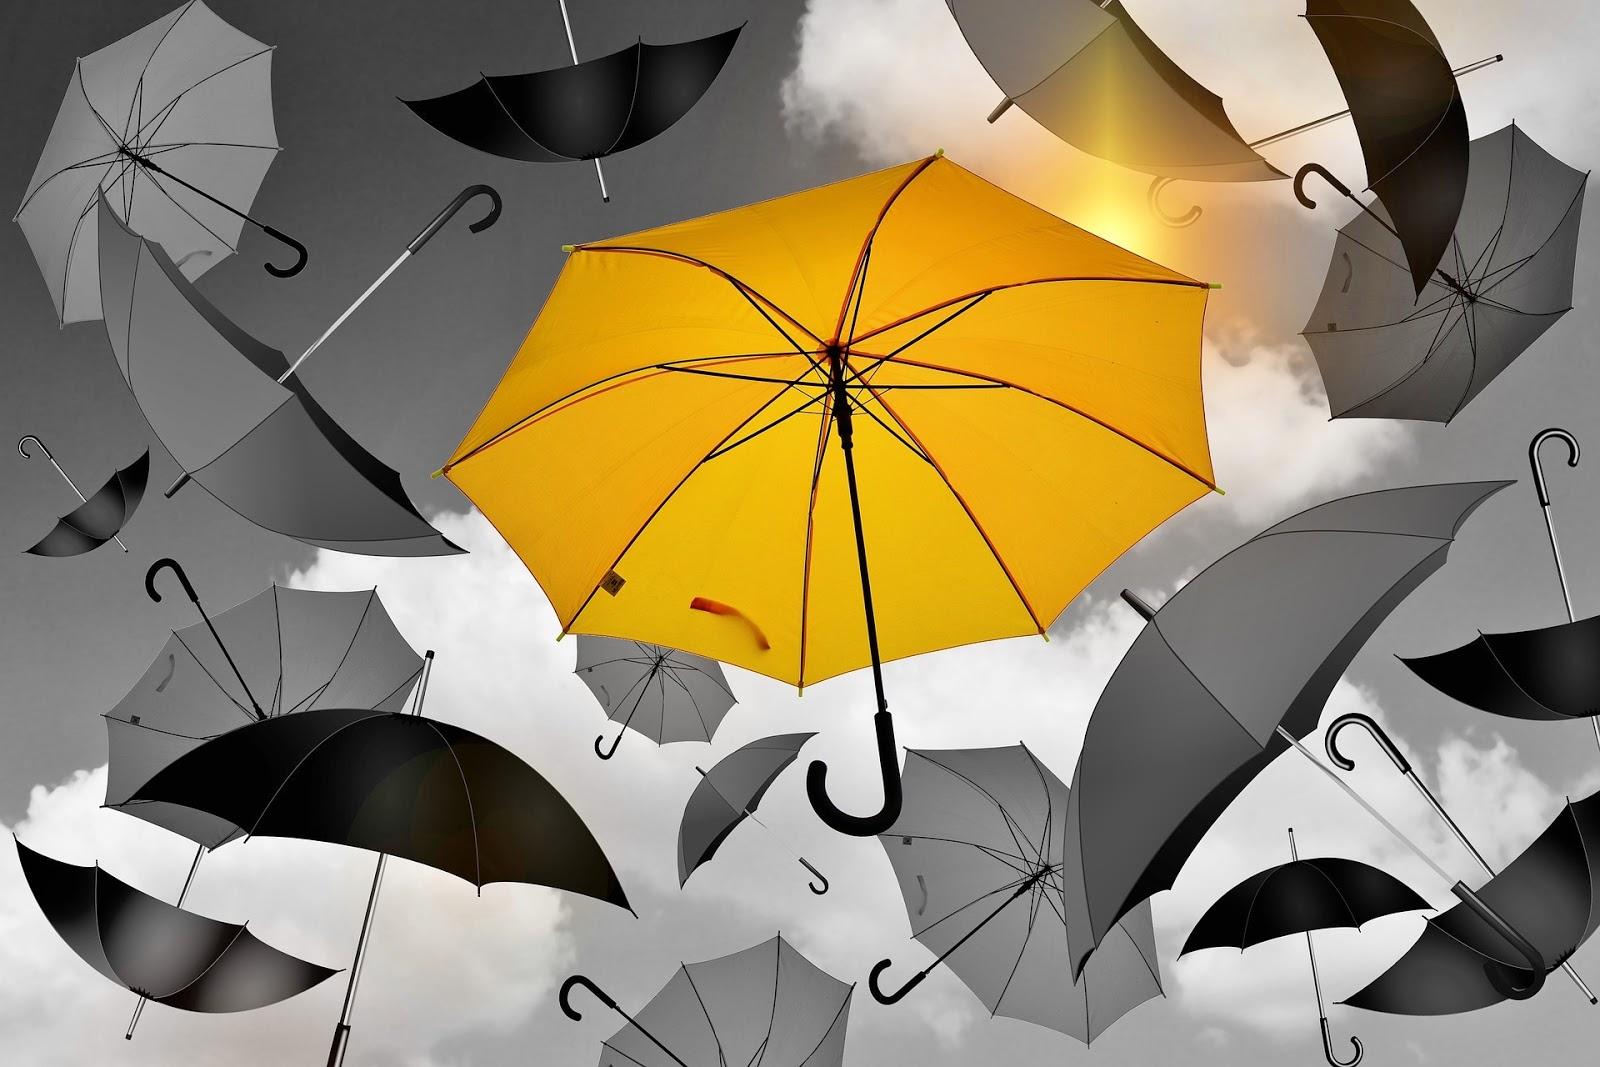 Budi nečije sunce, svjetlost u tami, light in darkness, suosjećanje, pomoć, duhovnost, empatija, spiritologija, žuti kišobran